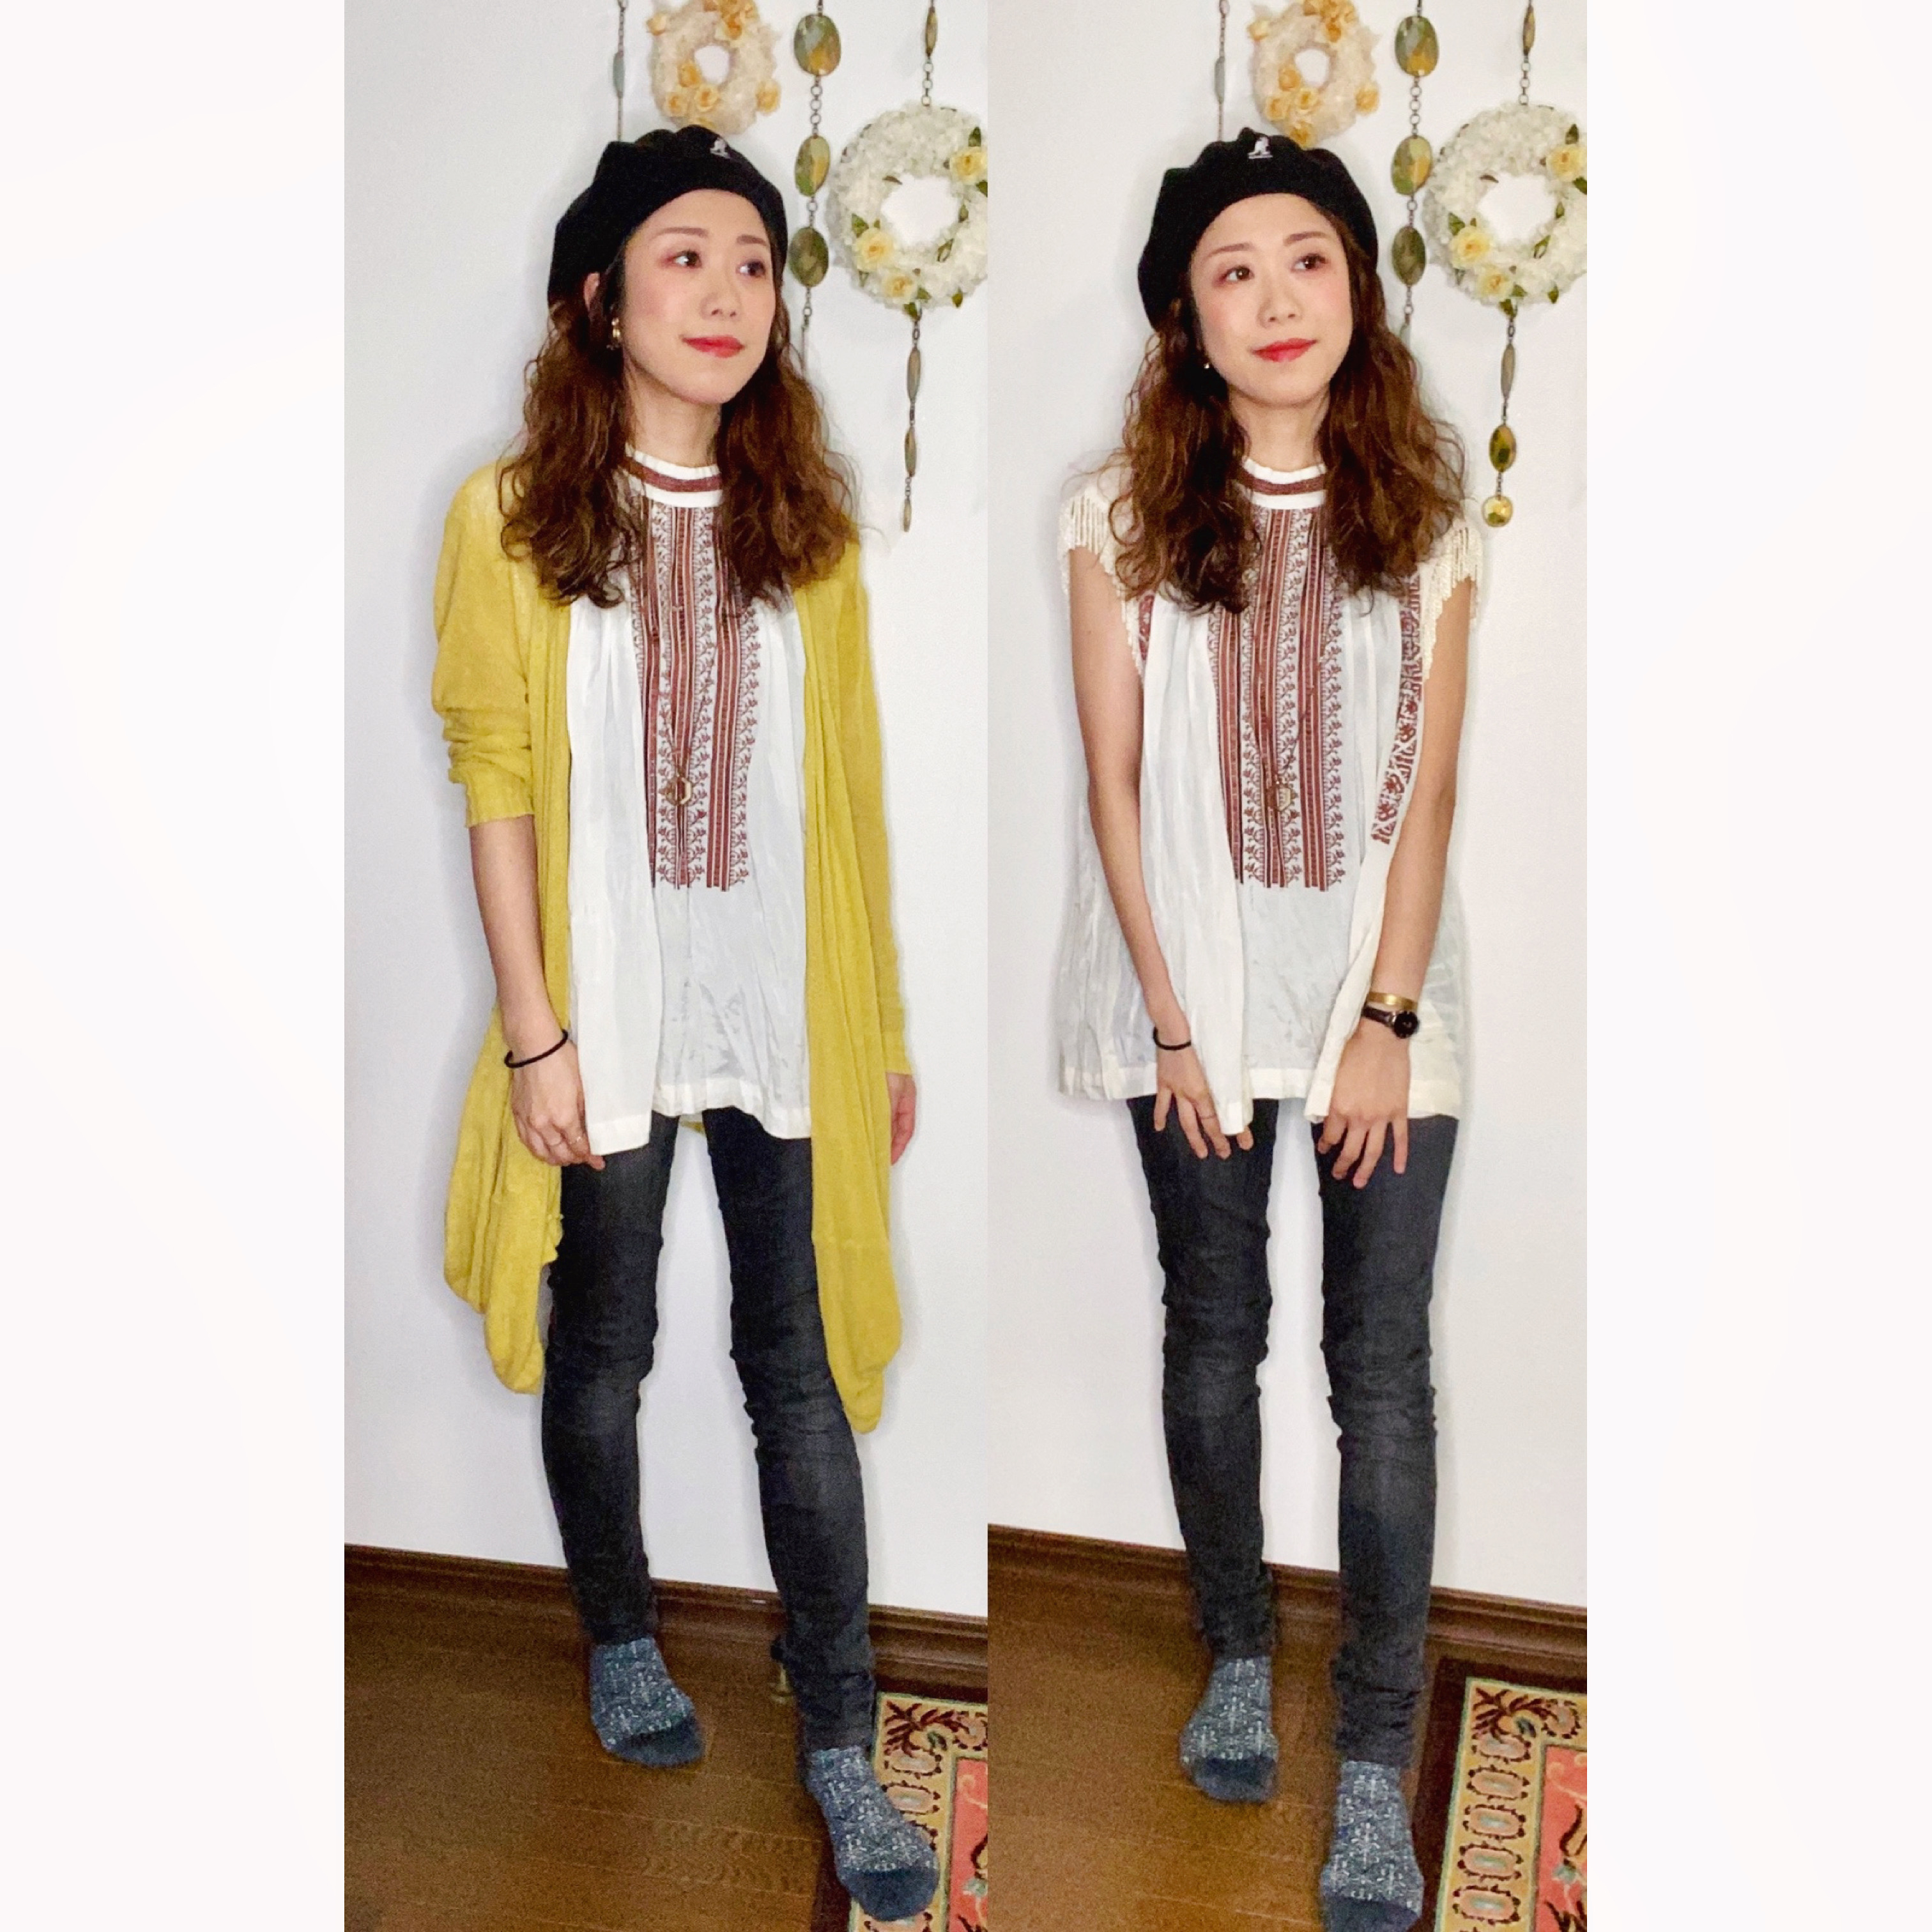 【オンナノコの休日ファッション】2020.8.11【うたうゆきこ】_1